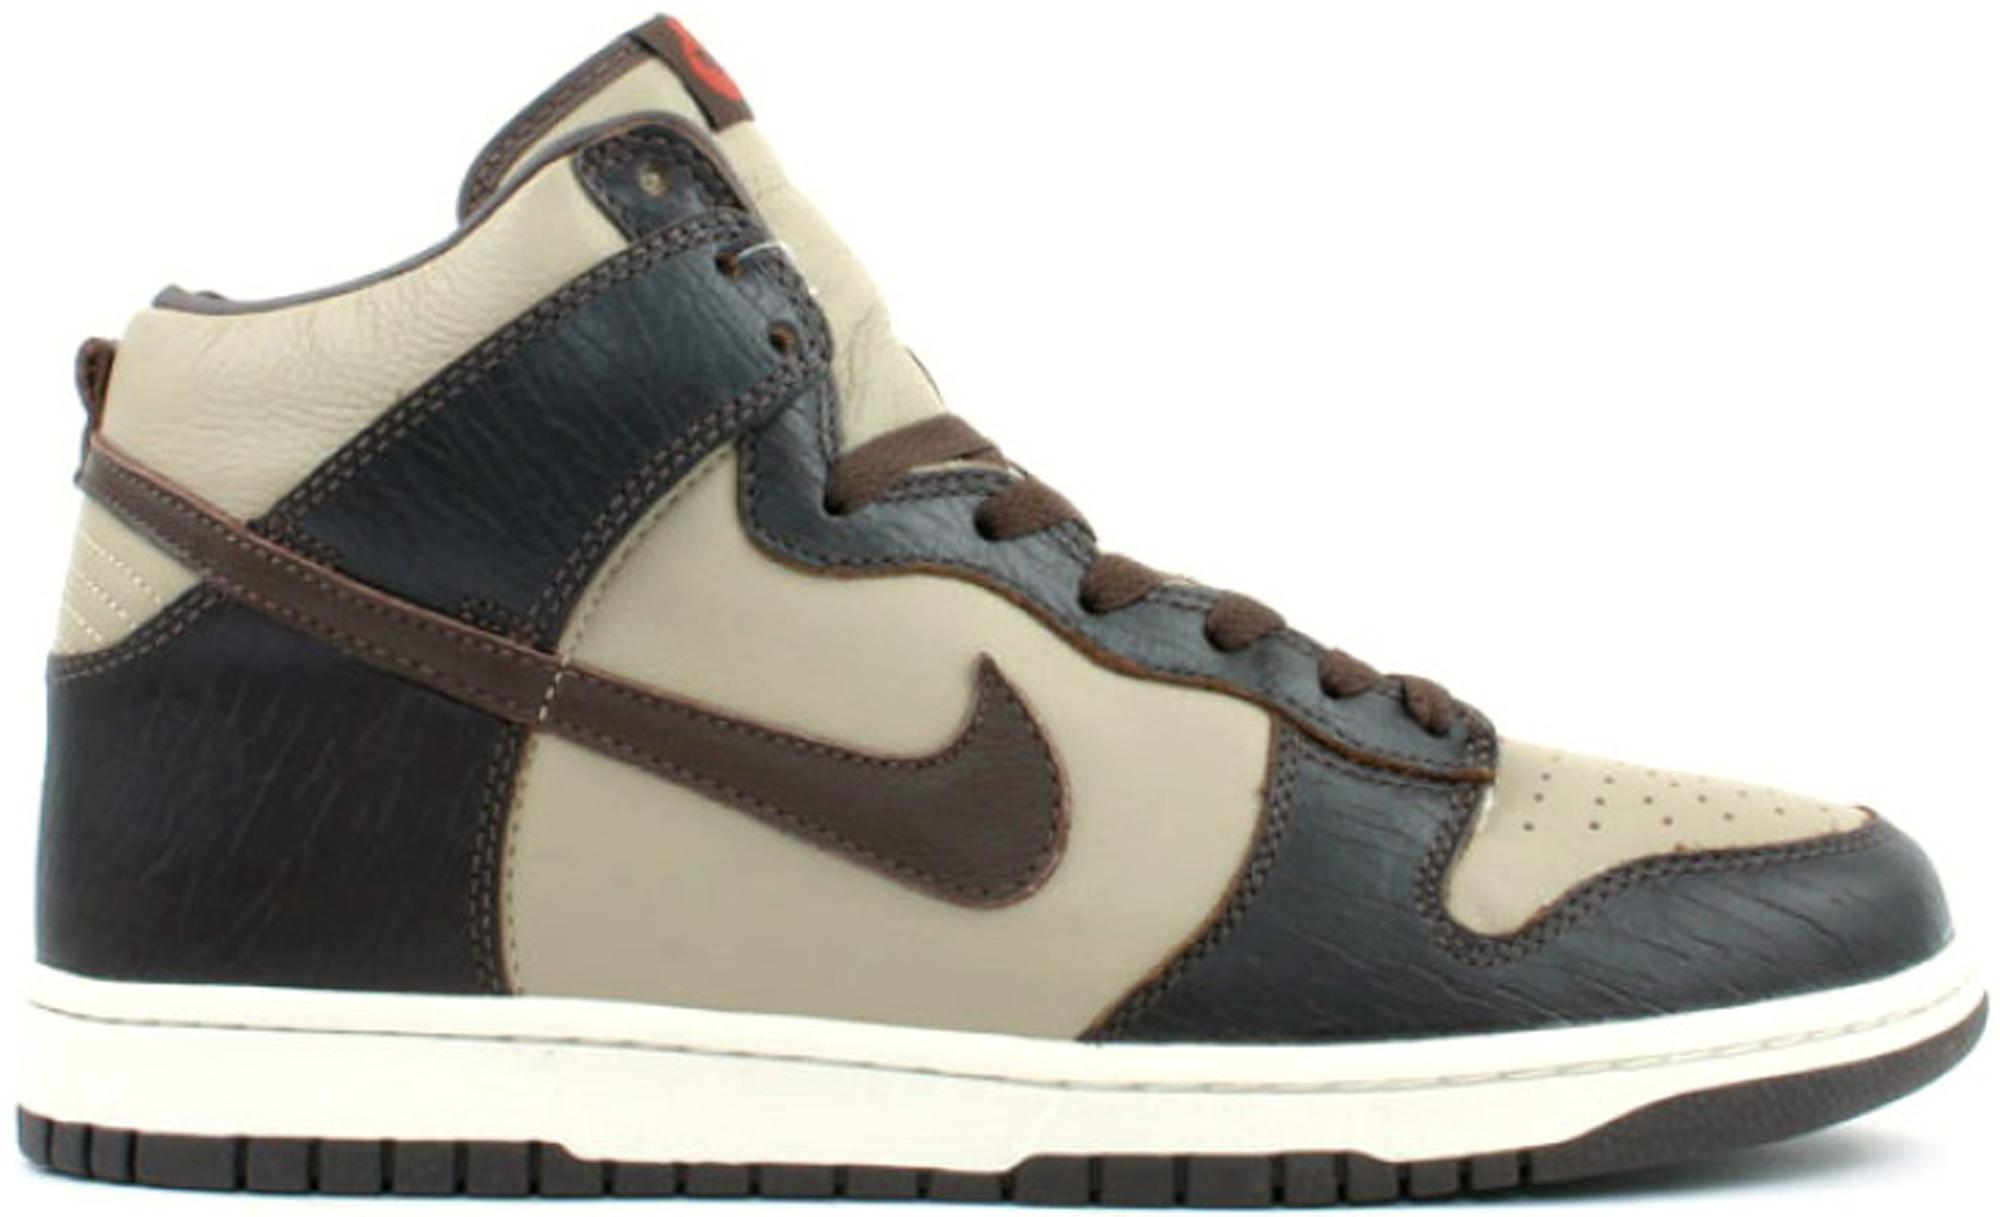 Nike Dunk High Khaki Baroque Brown